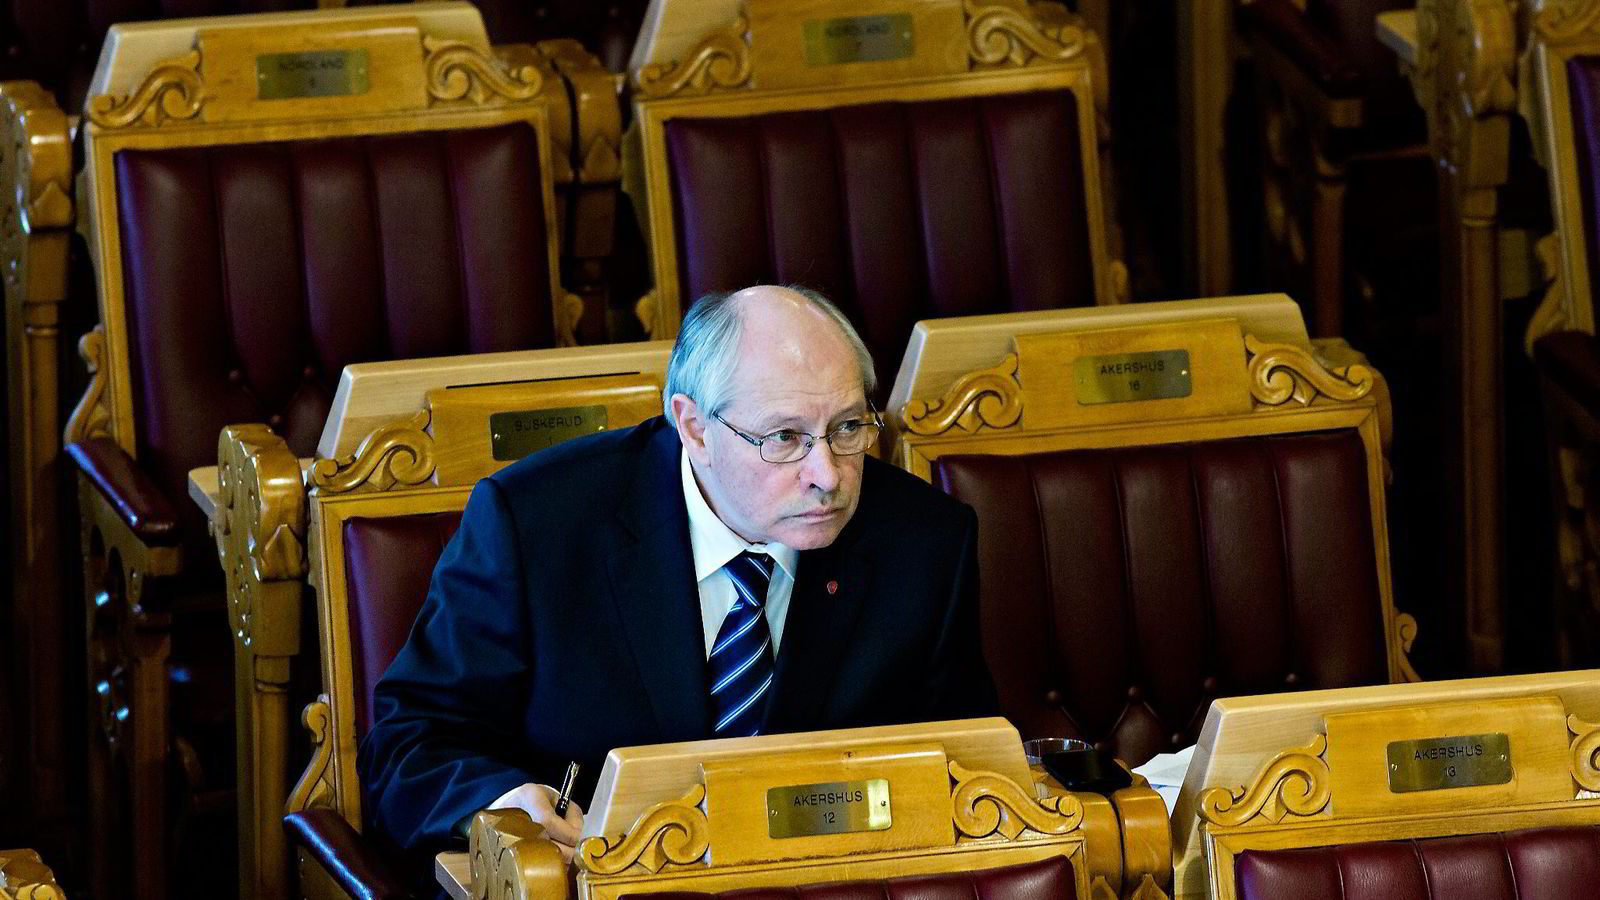 Martin Kolberg, som leder kontroll- og konstitusjonskomiteen reagerer på påstandene om at Telenor-deleide Vimpelcom har betalt 600 millioner kroner til et postkasseselskap i Gibraltar, og vil innkalle næringsministeren. Foto: